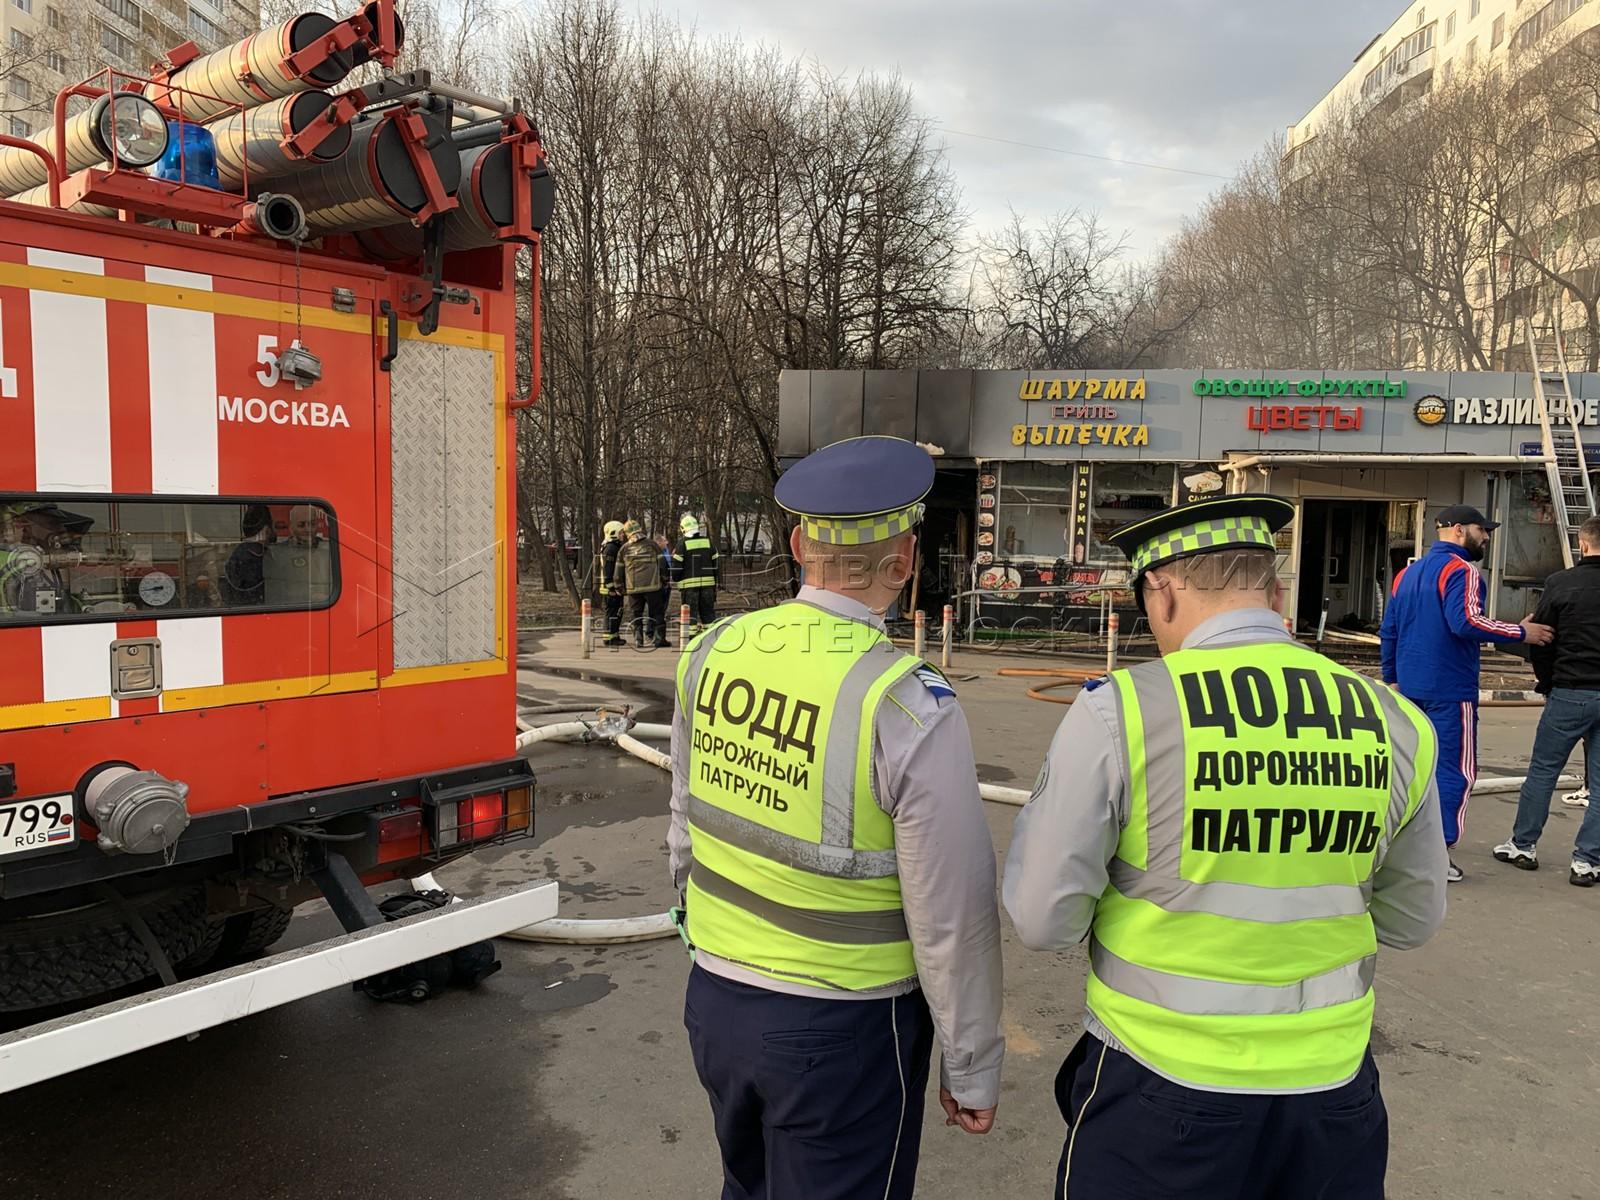 Оперативные службы на месте пожара в торговом павильоне на улице 26-ти Бакинских Комиссаров, 2а на юго-западе Москвы.